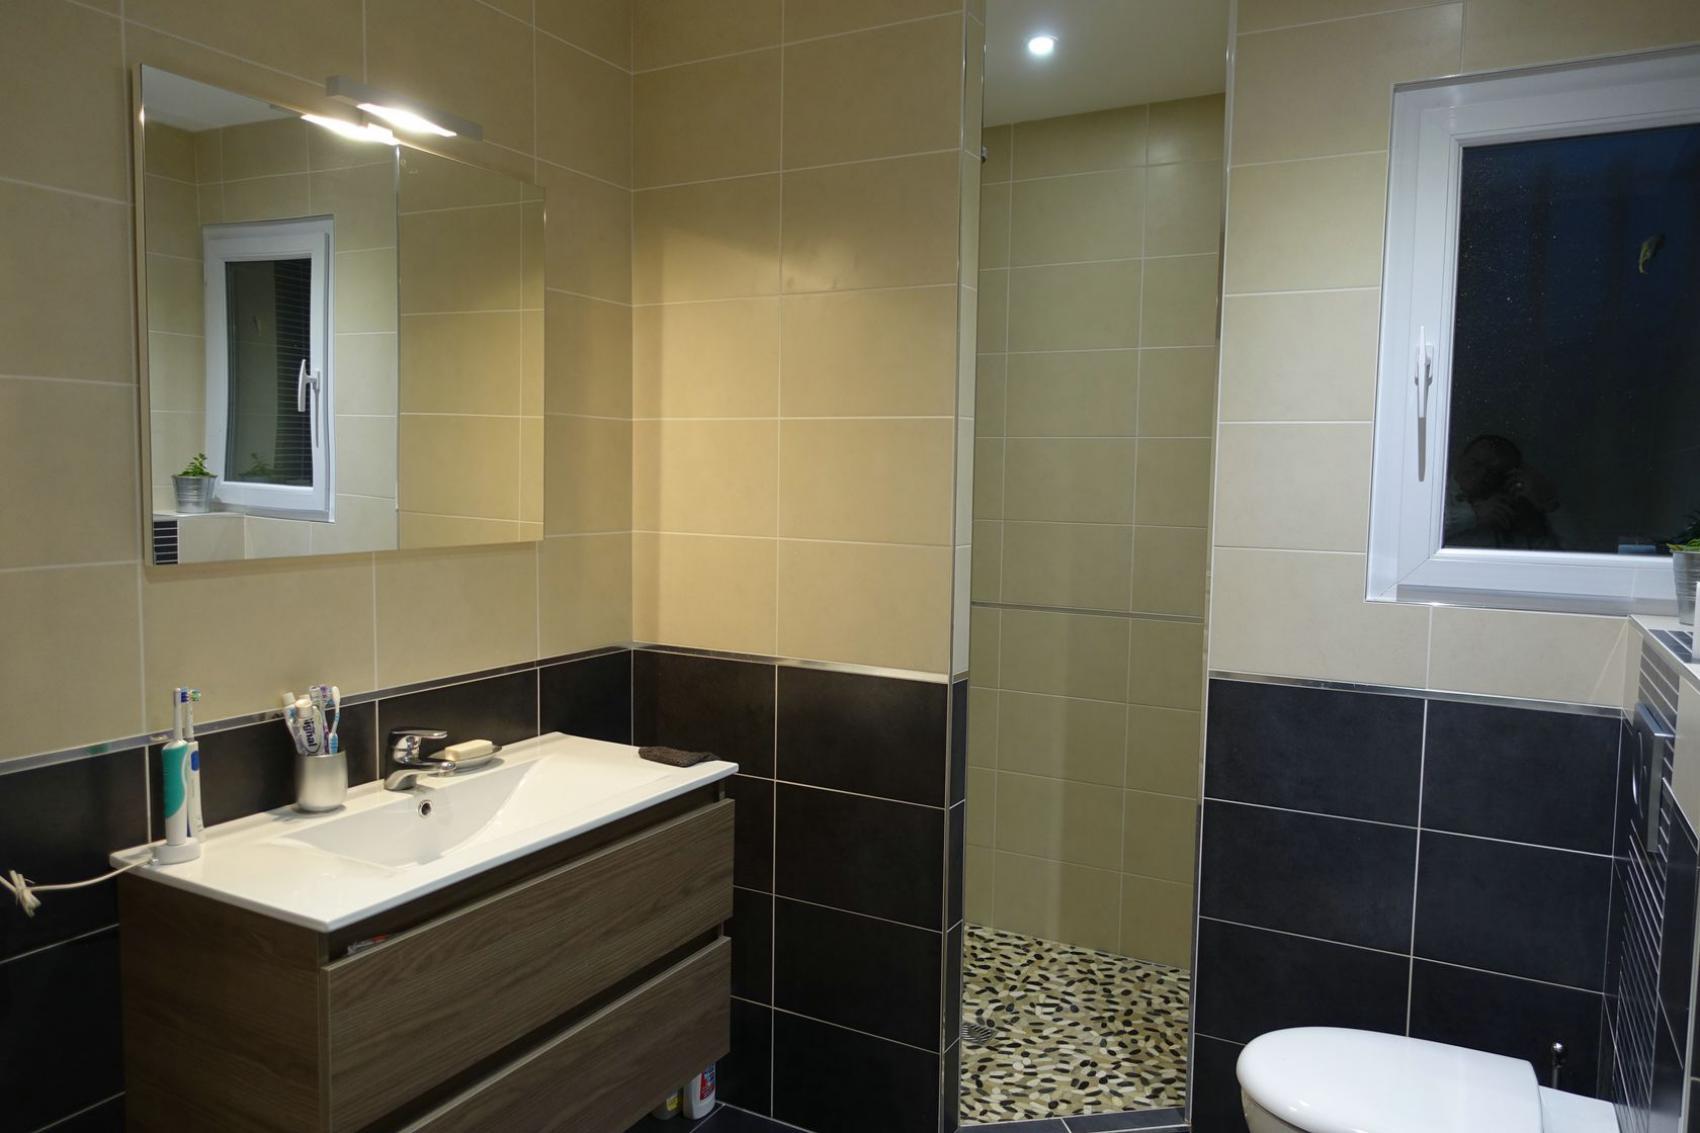 amnagement d une petite chambre amazing amenagement d une. Black Bedroom Furniture Sets. Home Design Ideas